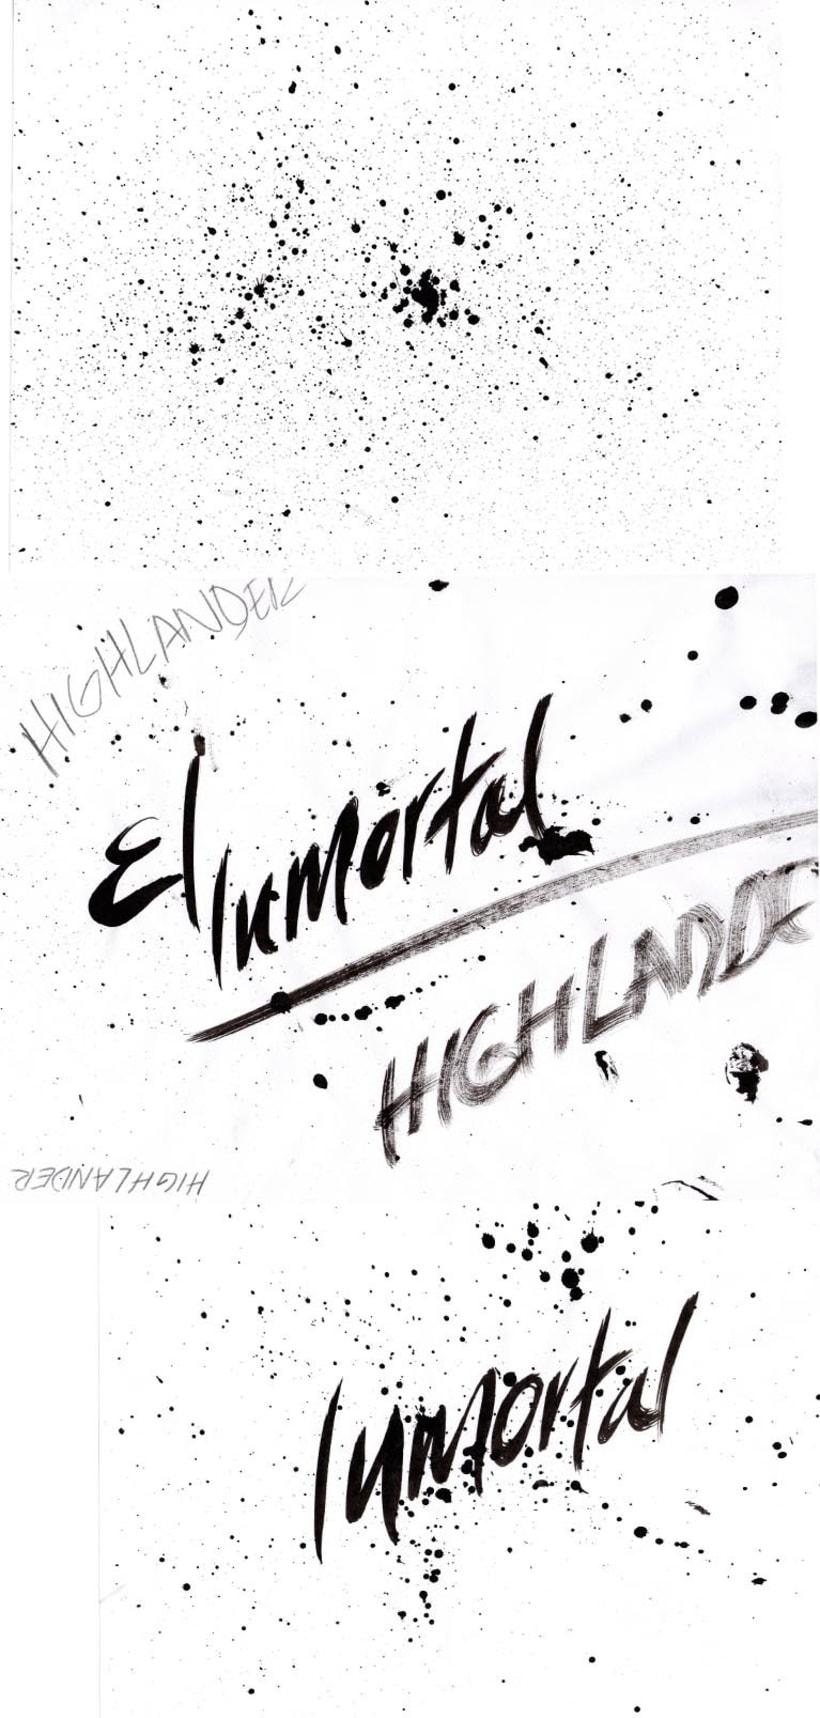 HIGHLANDER: EL INMORTAL... del dibujo a lápiz a la ilustración digital 2